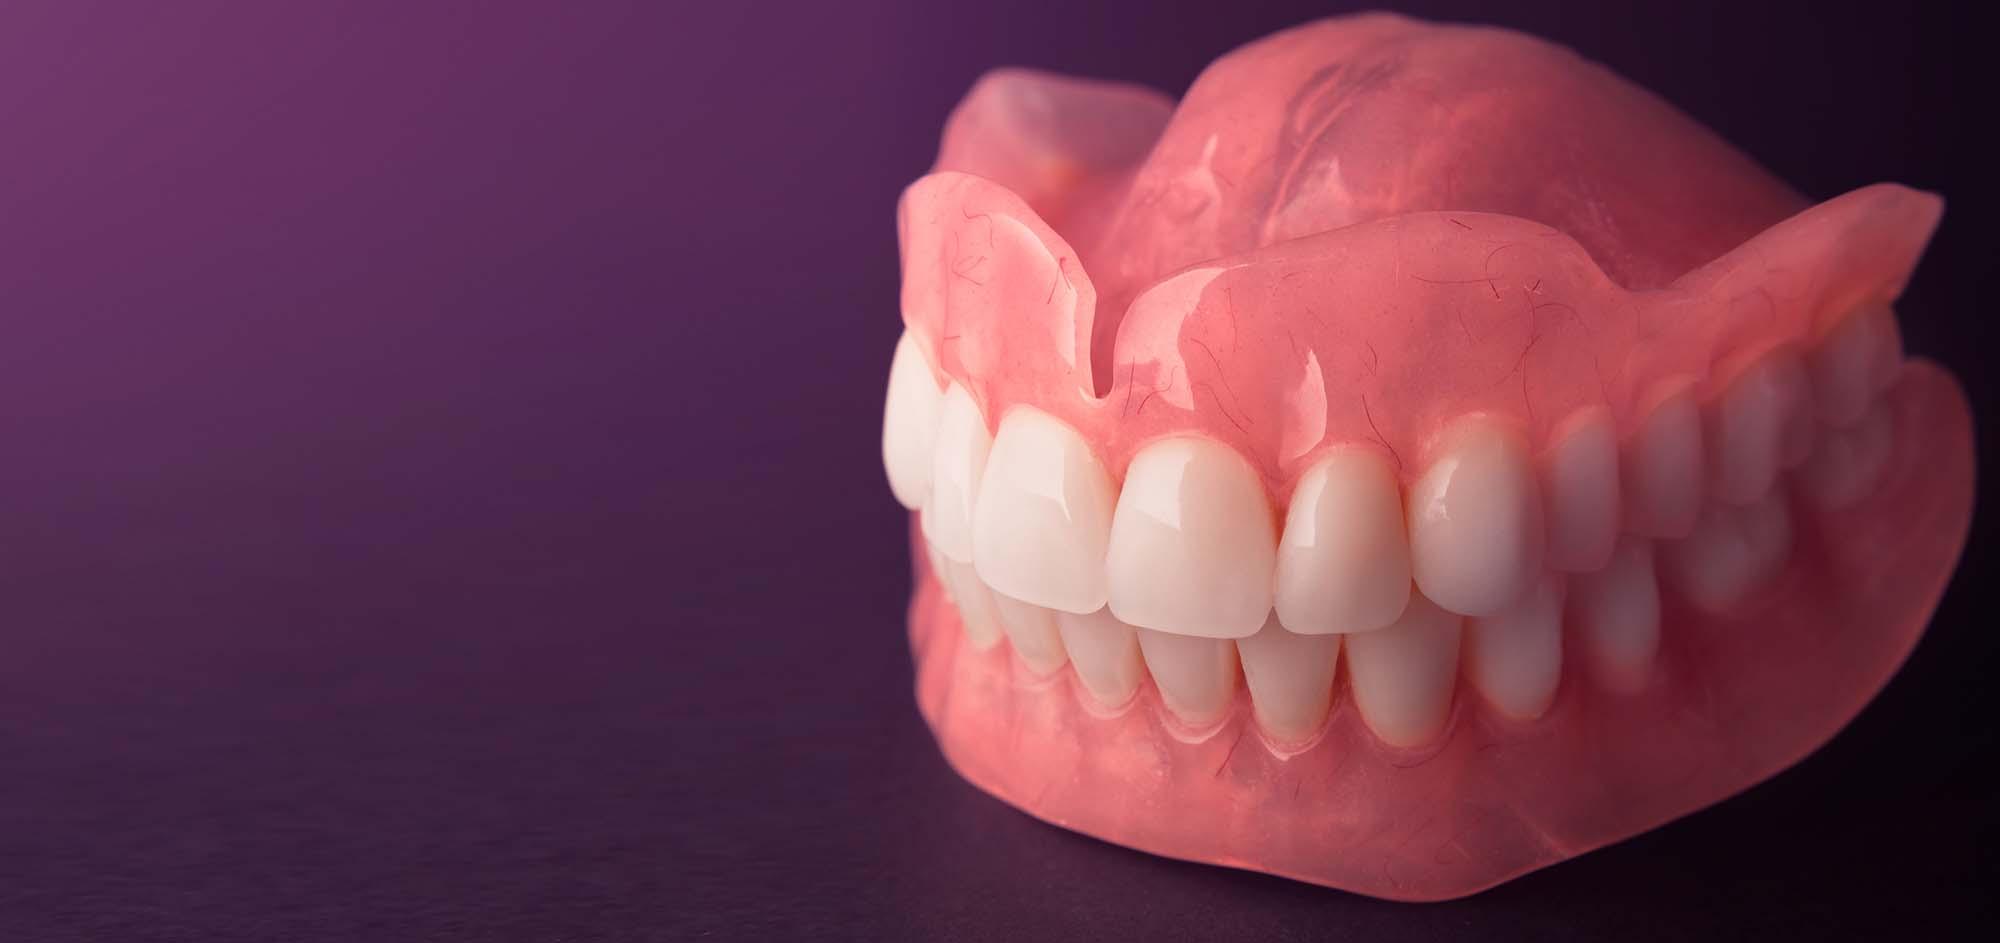 Full denture dentures close-up